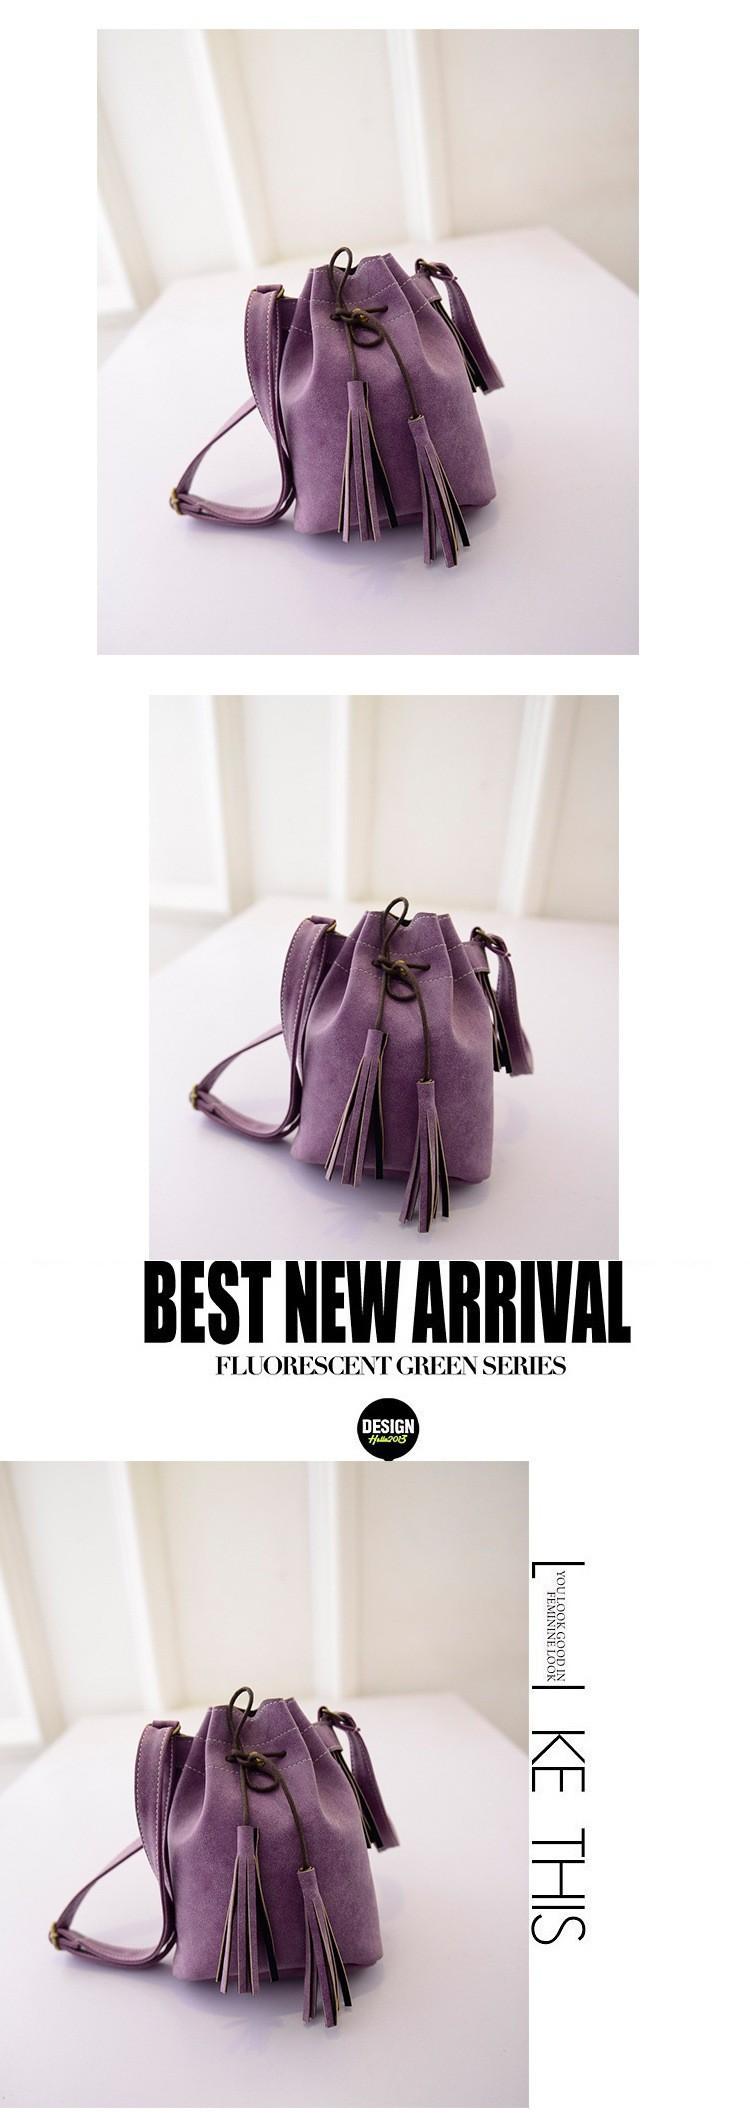 Vintage Bucket Women Shoulder bags Fashion Tassel bags Small Women messenger bags Spring Handbags Tote bolsas femininas BH237 (2)